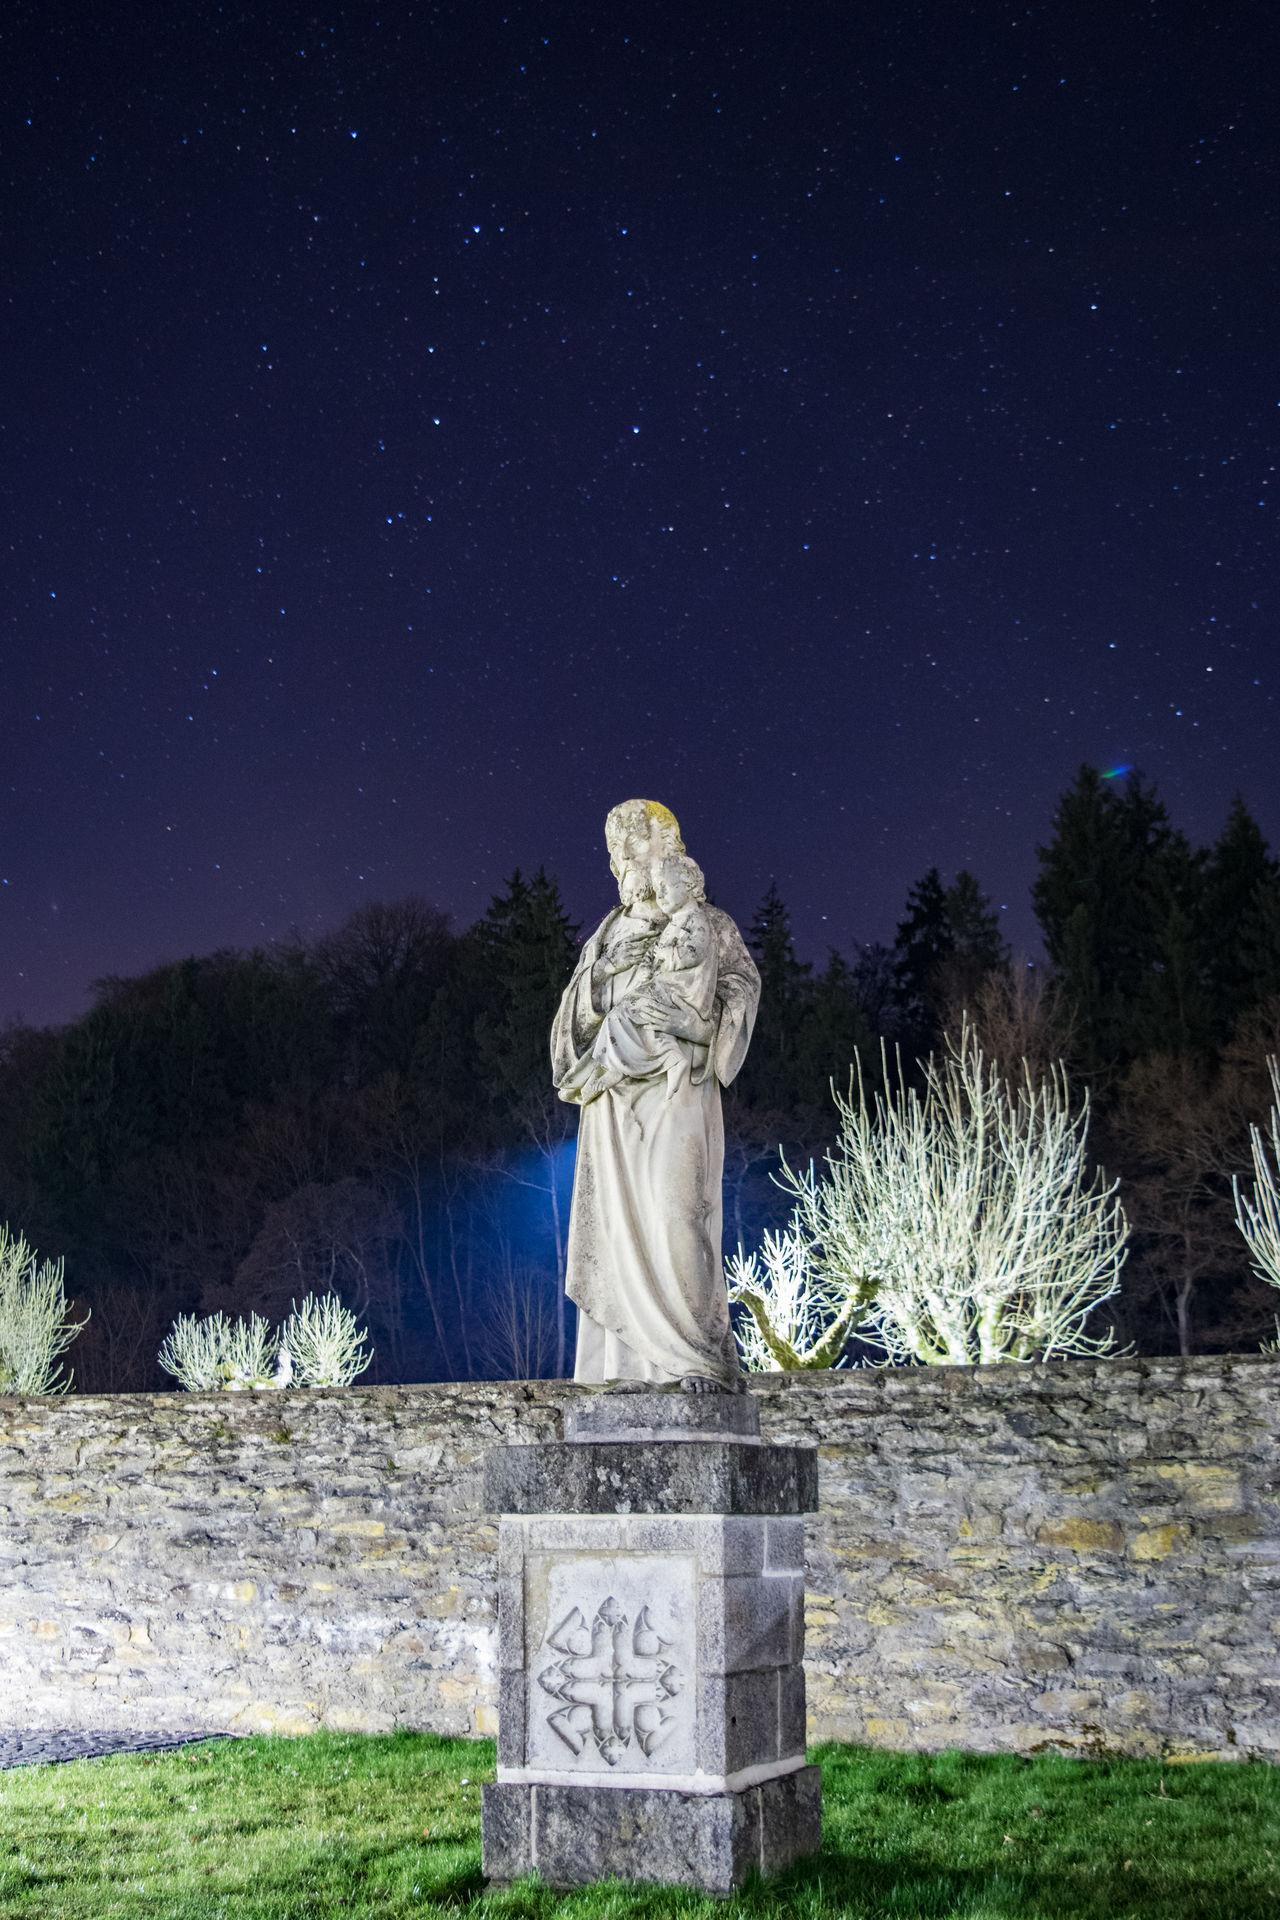 """Sculpture in Monastery """"Marienstatt"""" Illuminated Landscape Night No People Outdoors Religion Religious Art Sculpture Sky Spirituality Stars Statue"""